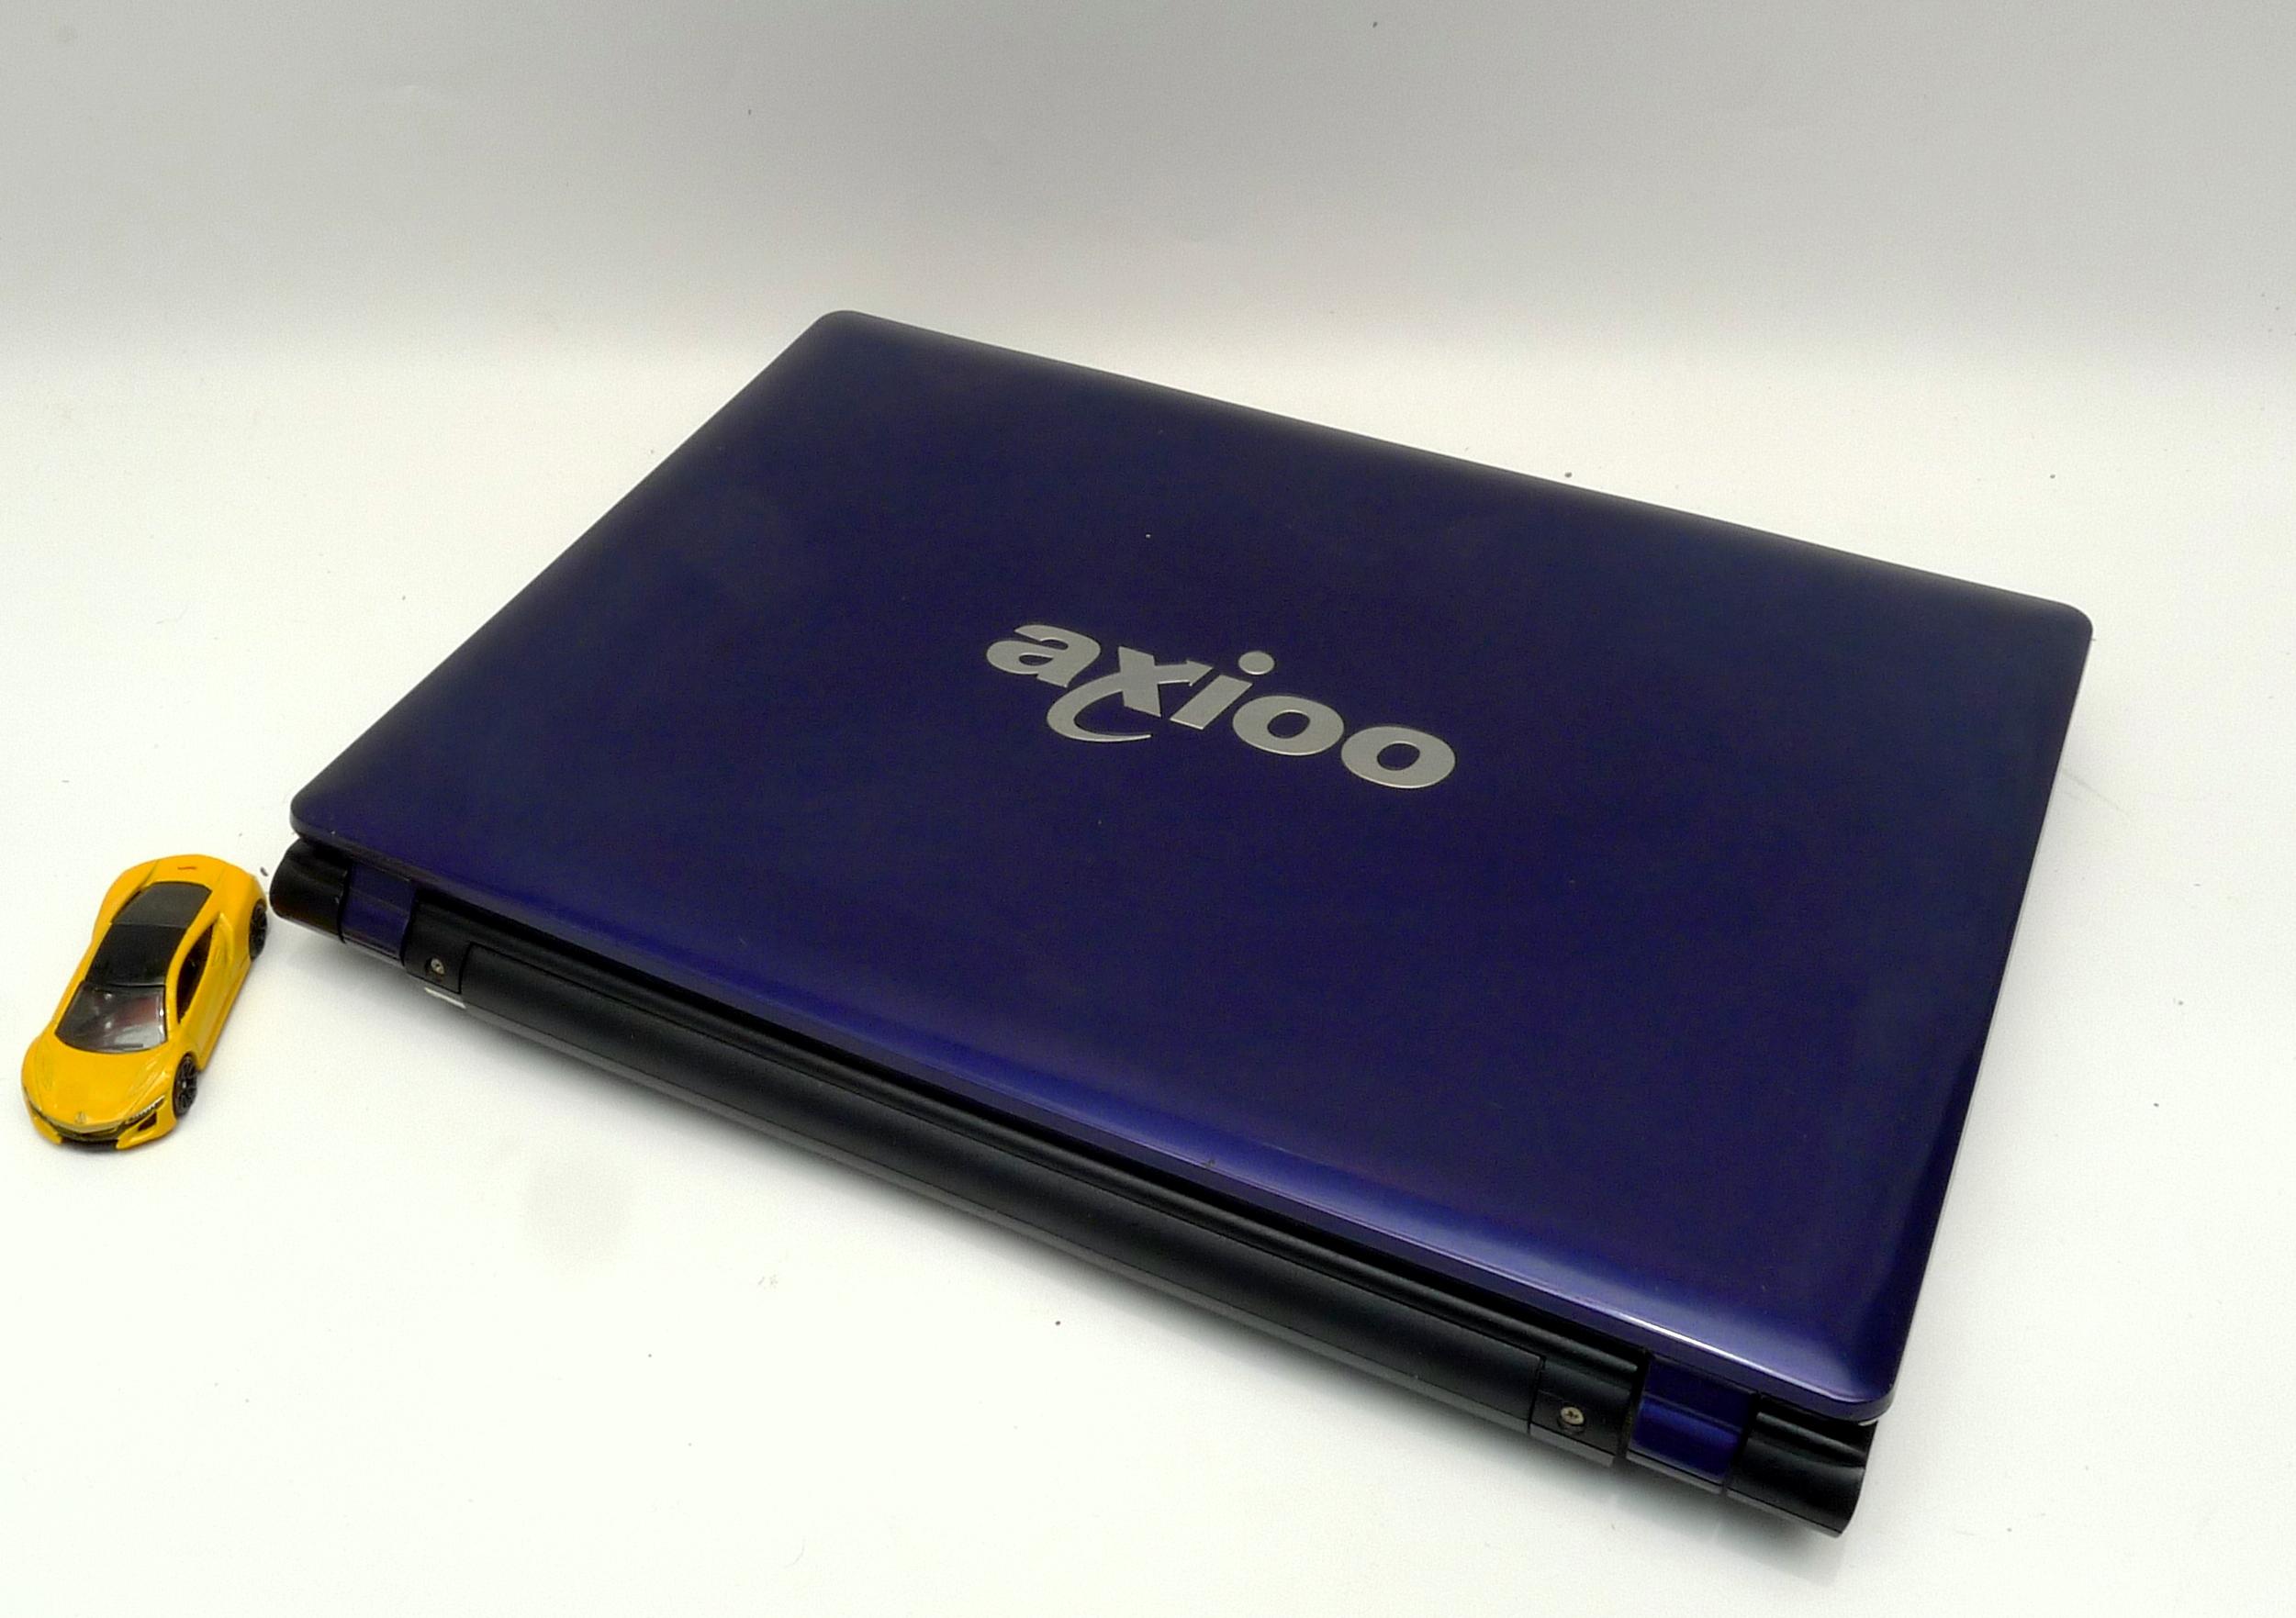 Jual Axioo Neon MLC Bekas - Jual Beli Kamera dan Laptop